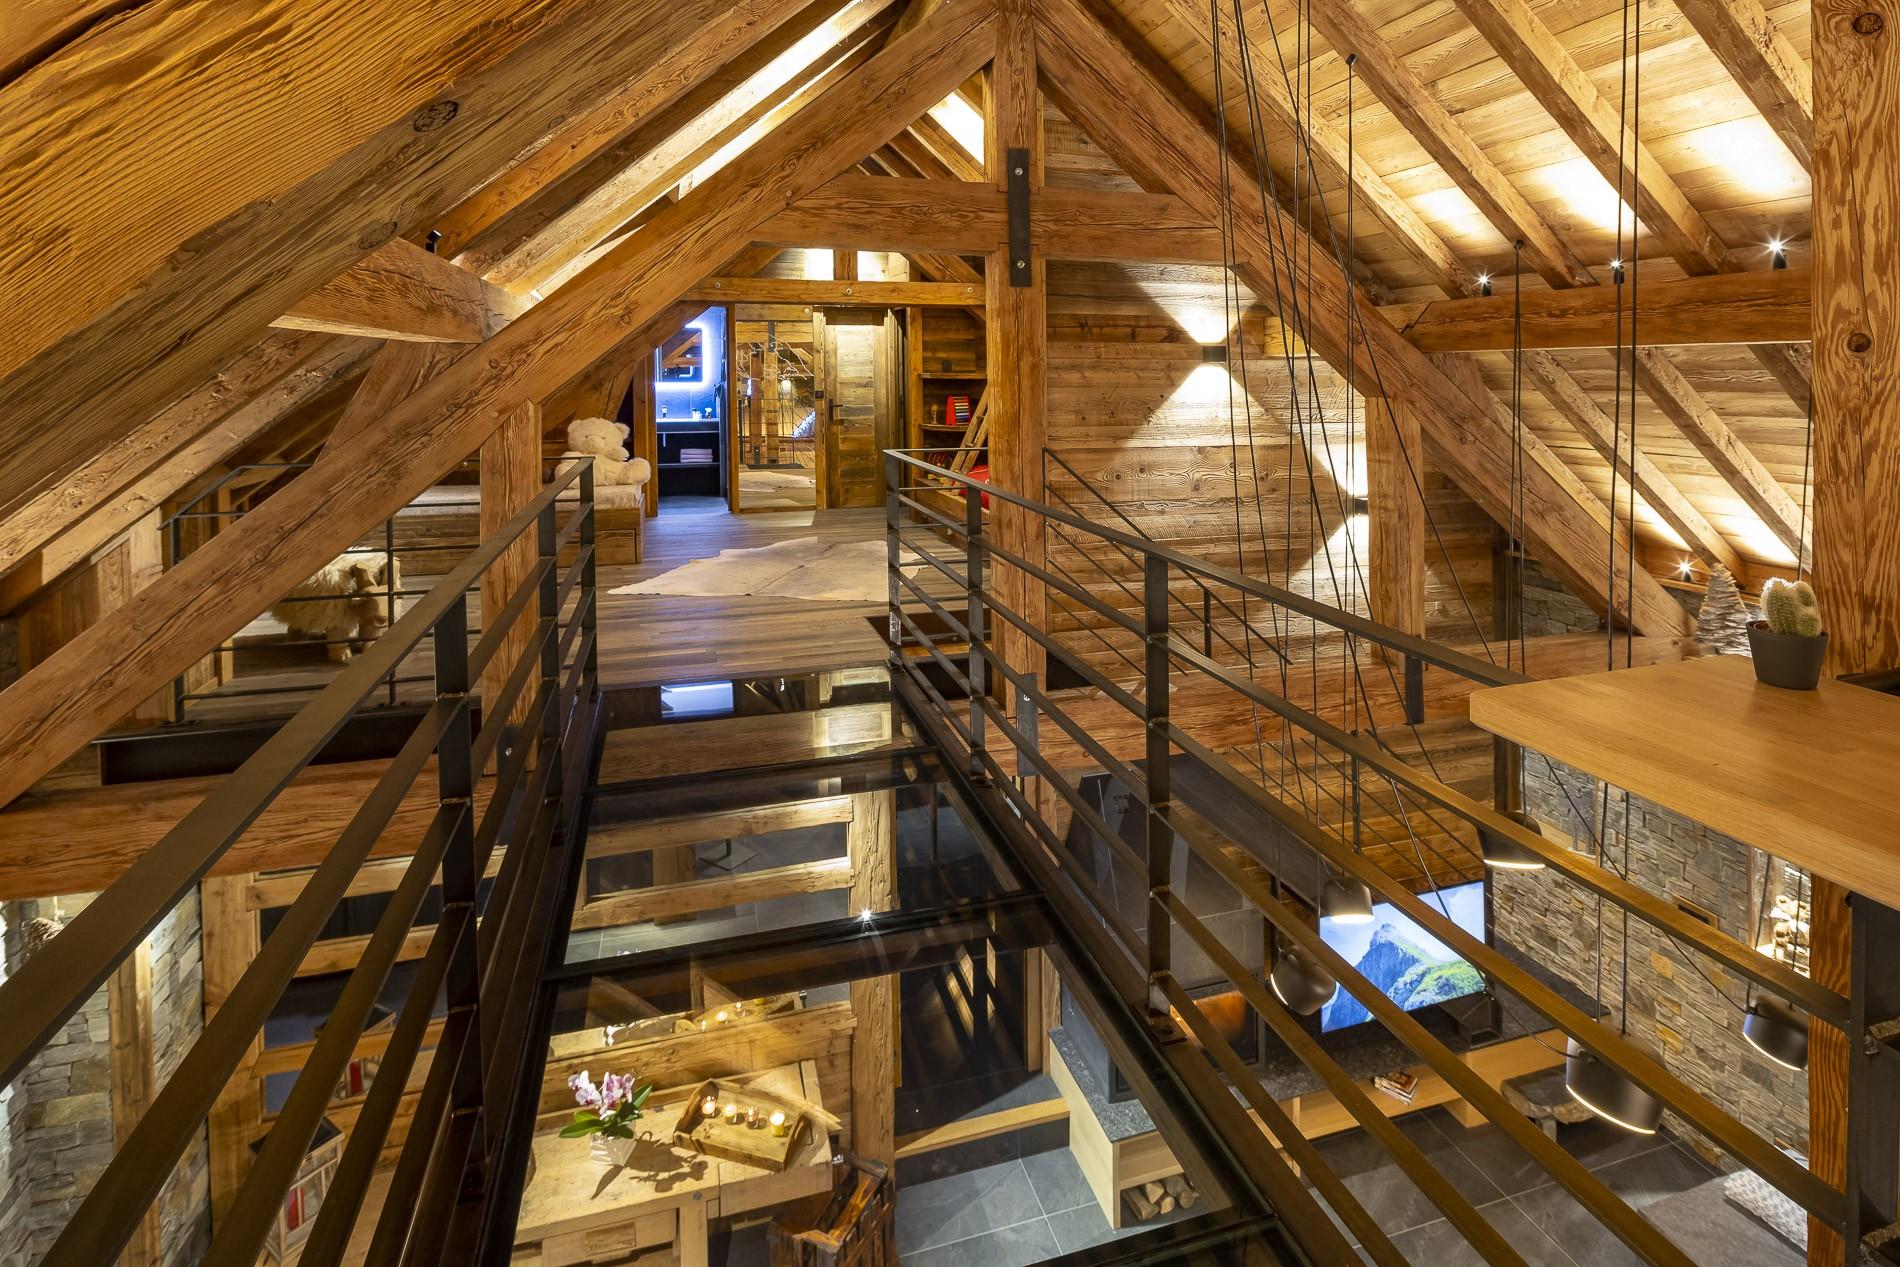 Les Deux Alpes Location Chalet Luxe Cervantute Mezzanine